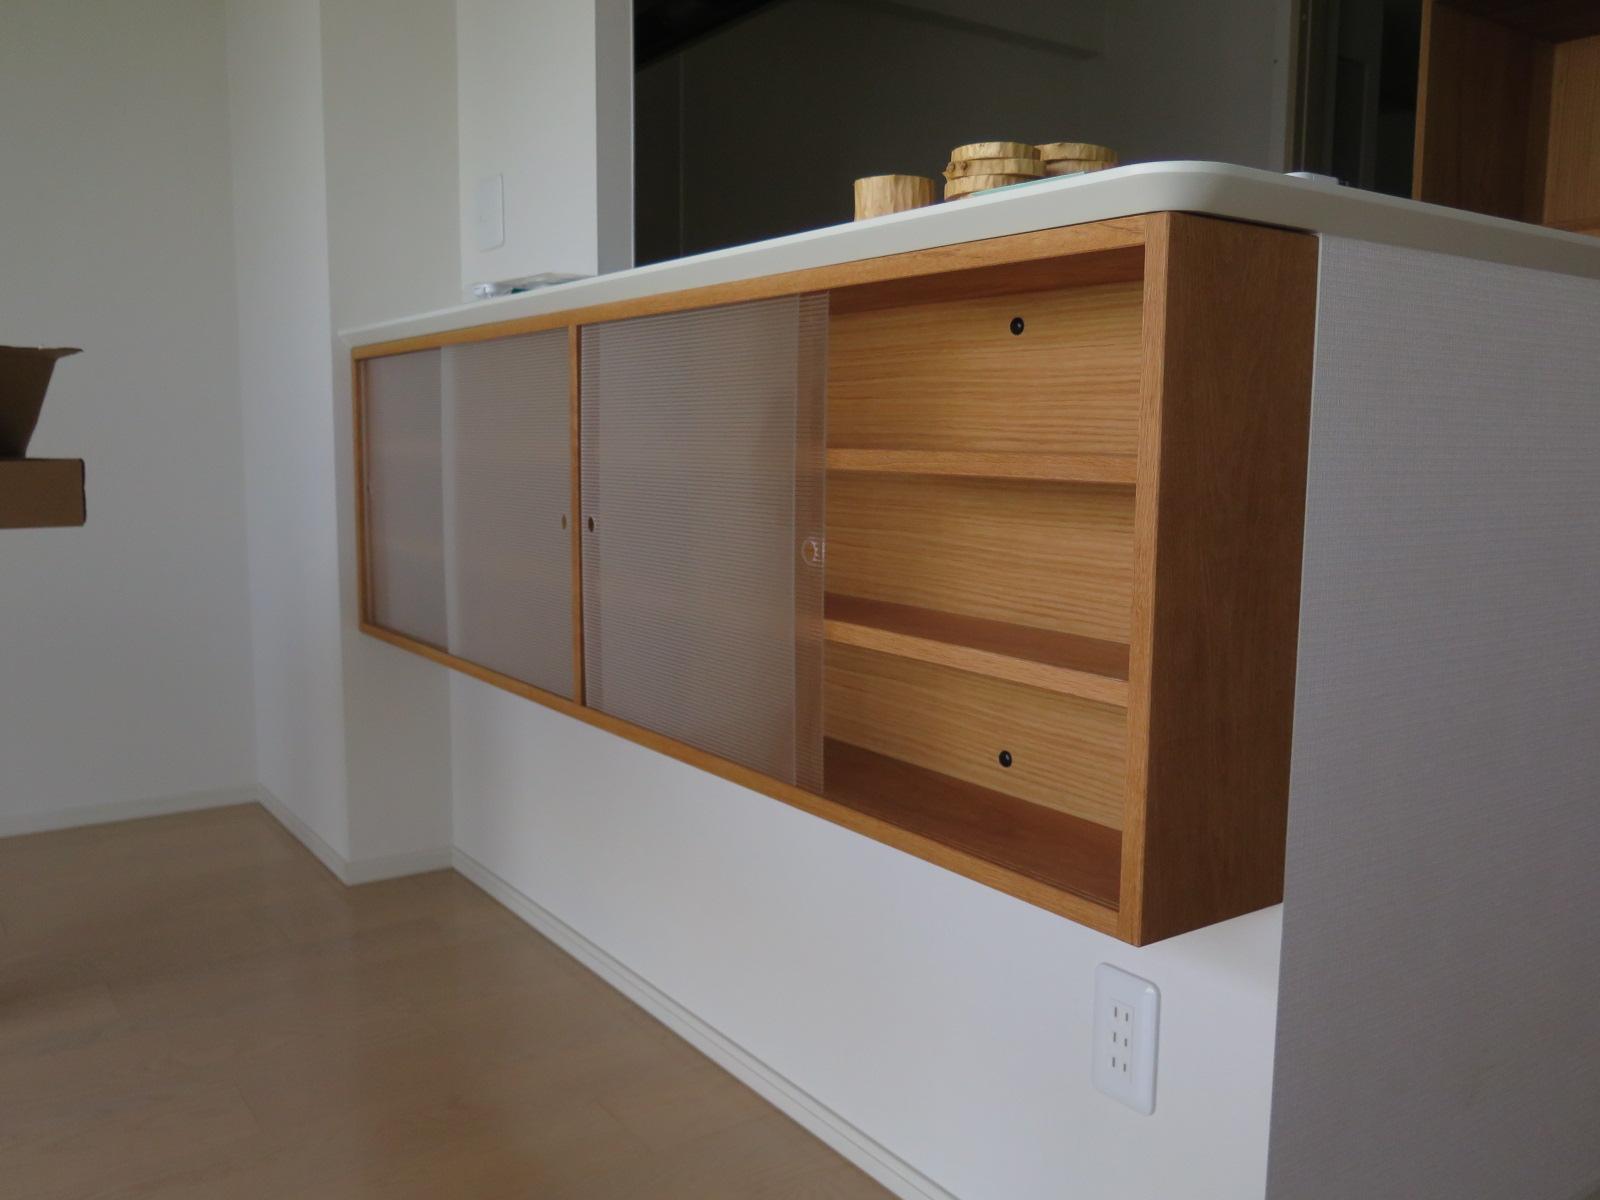 キッチンカウンター下のキャビネット